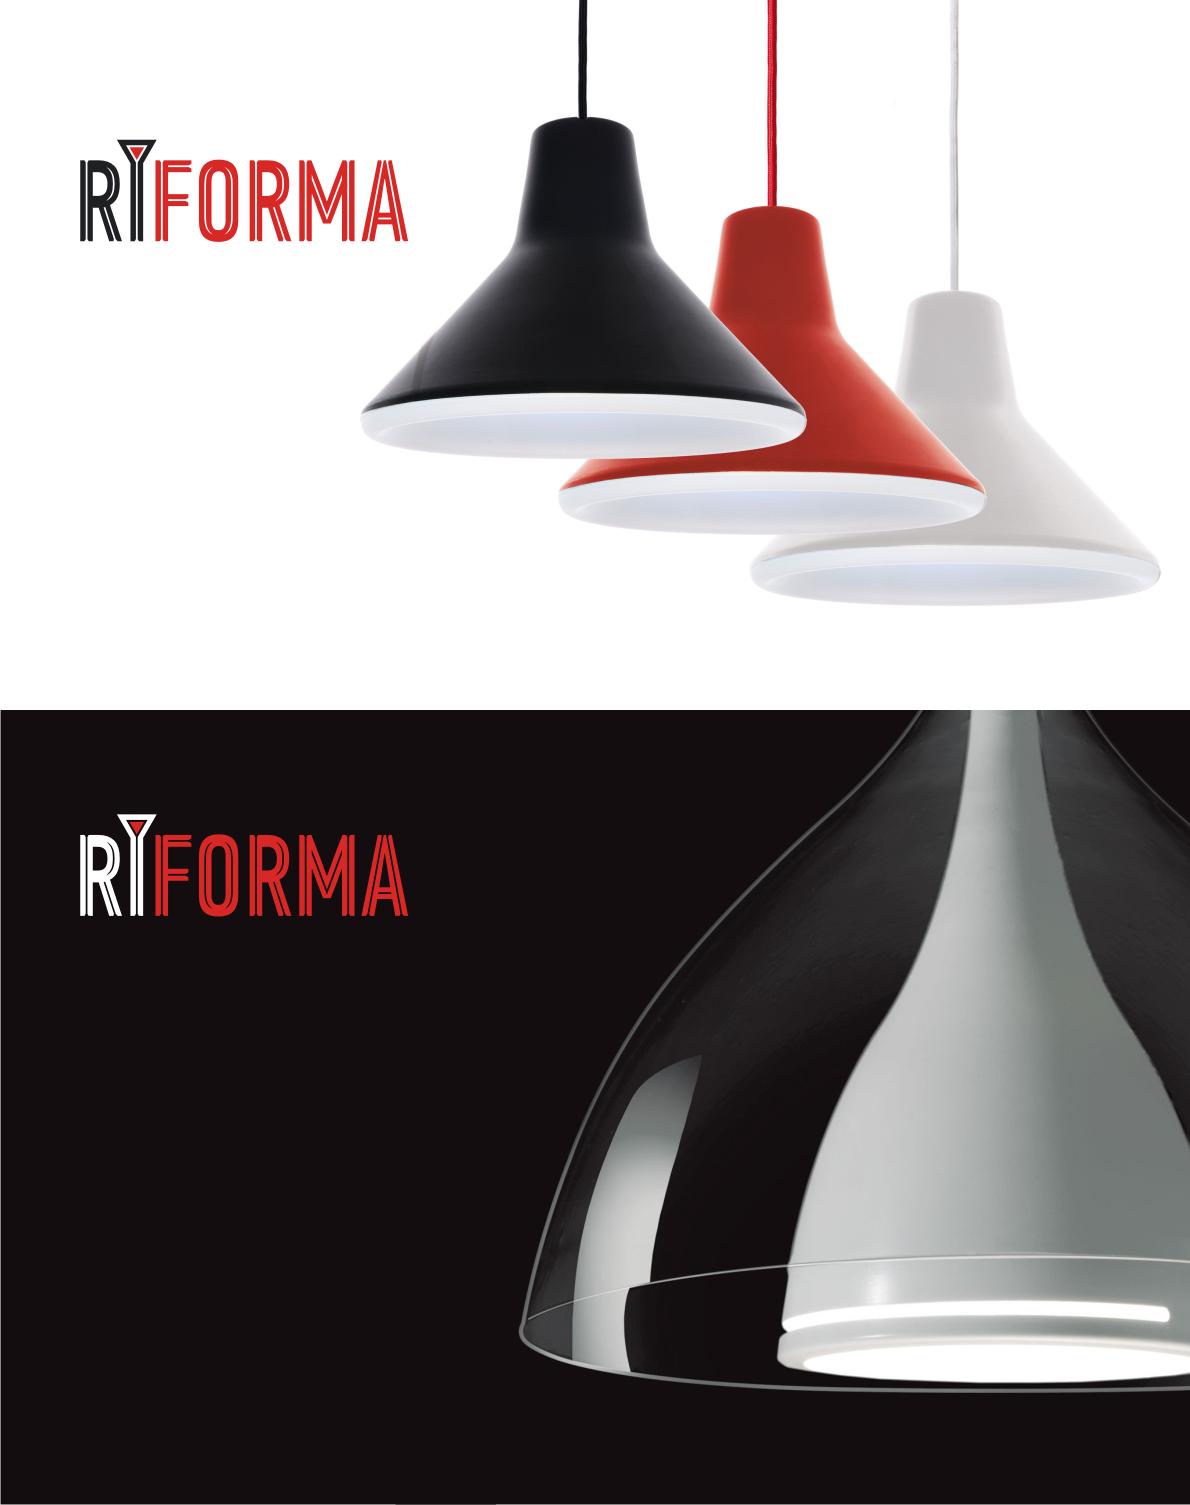 Разработка логотипа и элементов фирменного стиля фото f_1505795d07ddf7e2.png